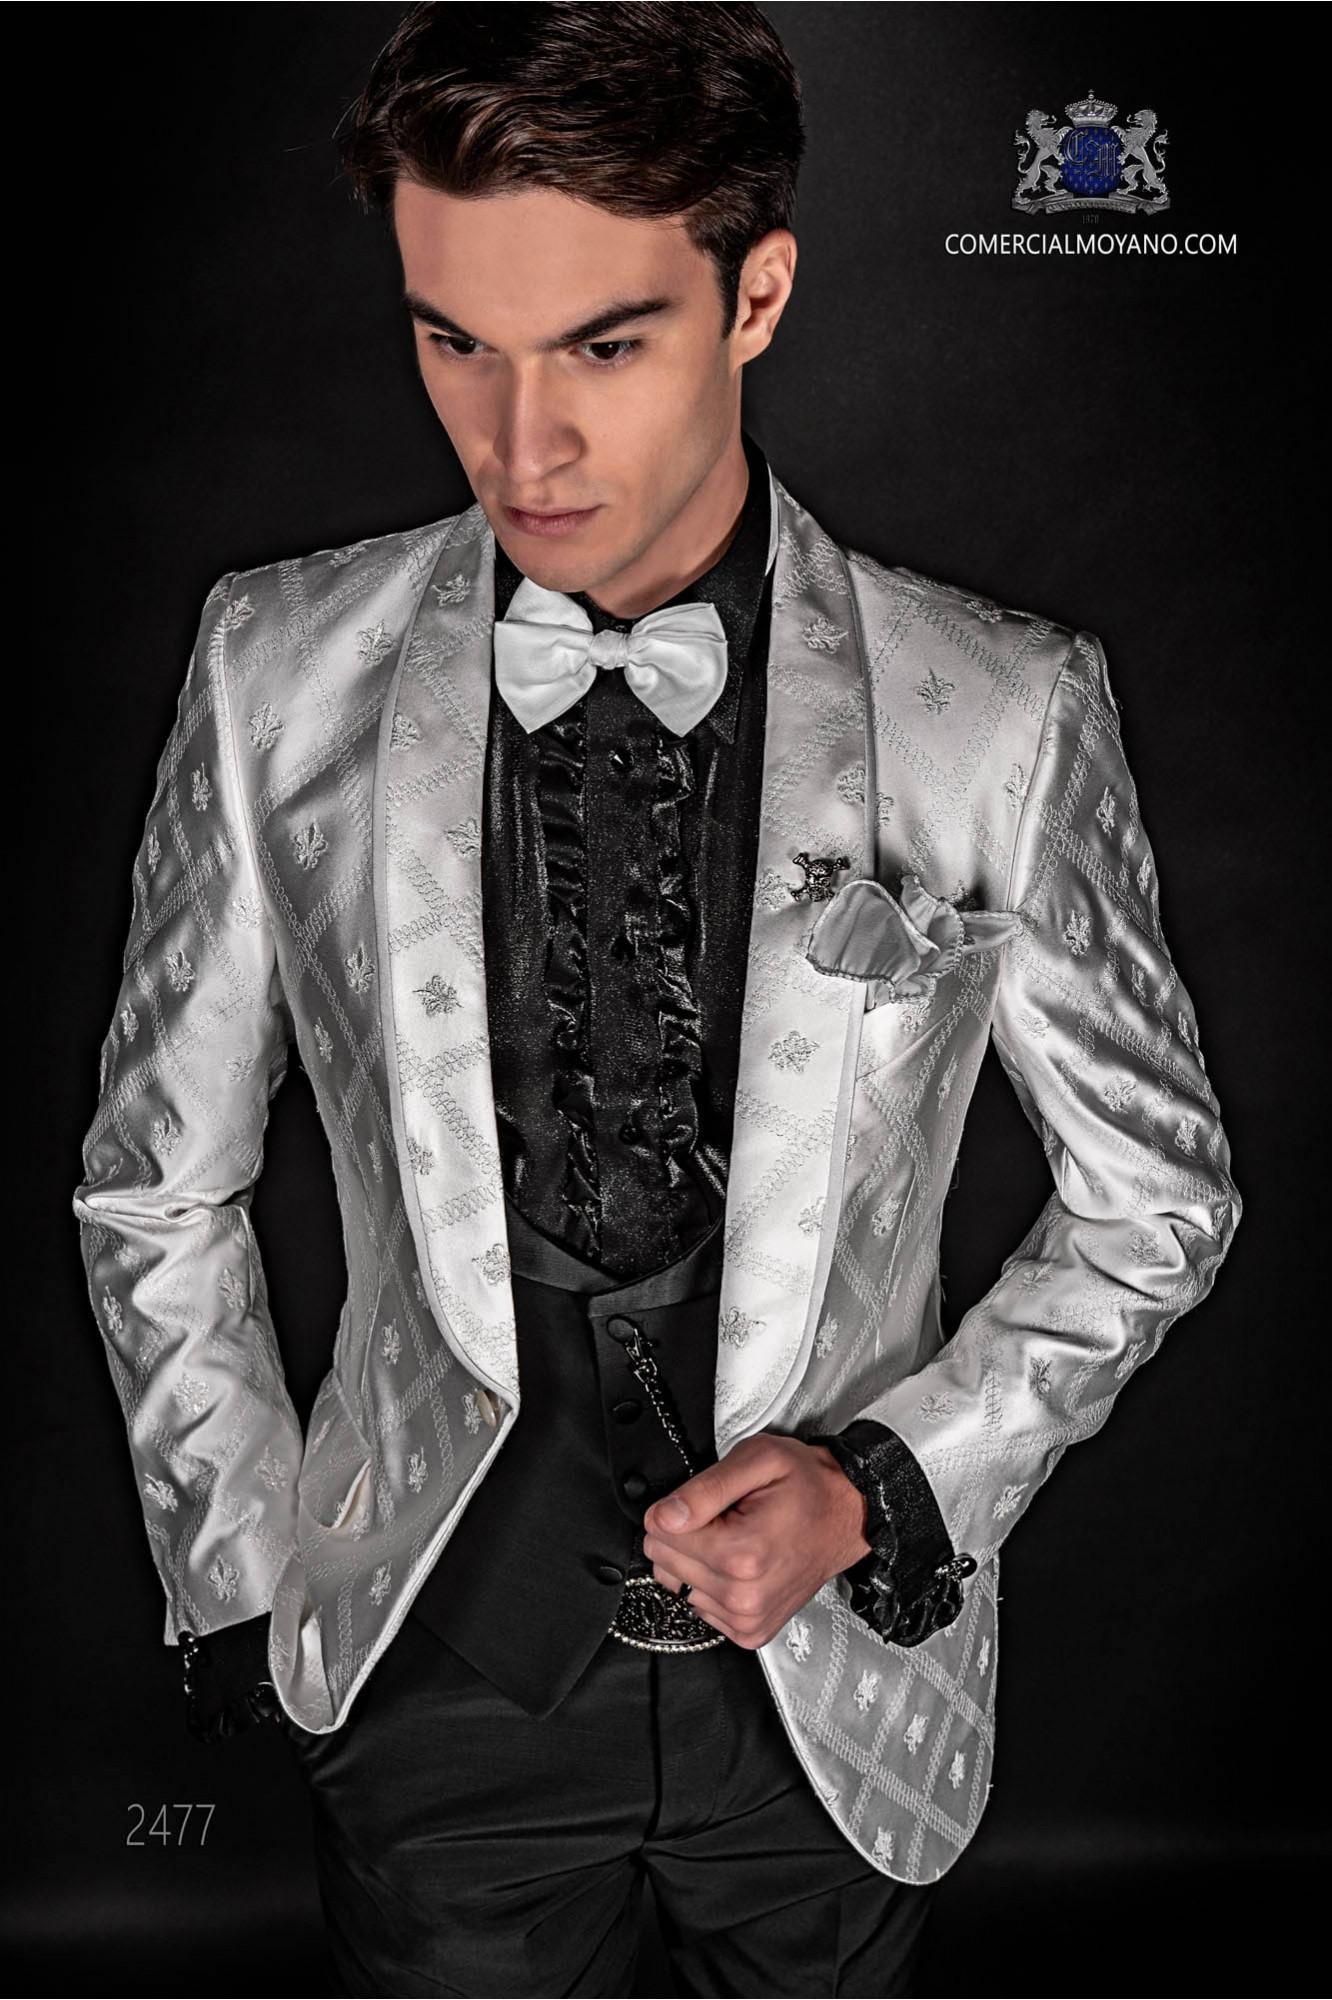 Traje de moda italiano de jacquard combinado blanco y negro